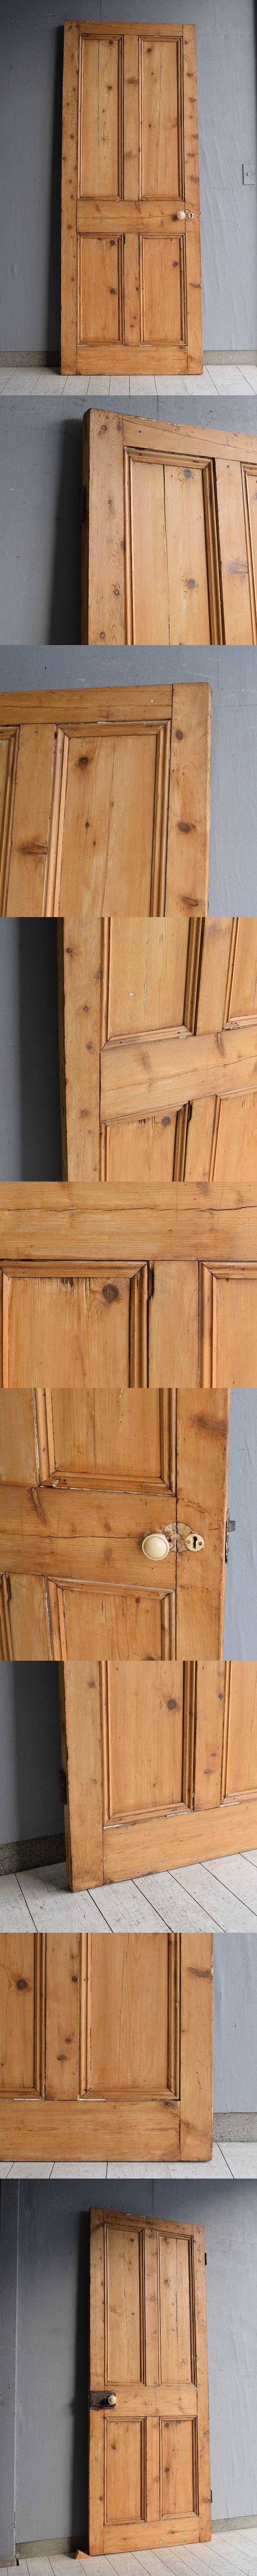 イギリス アンティーク オールドパイン ドア 扉 建具 7651